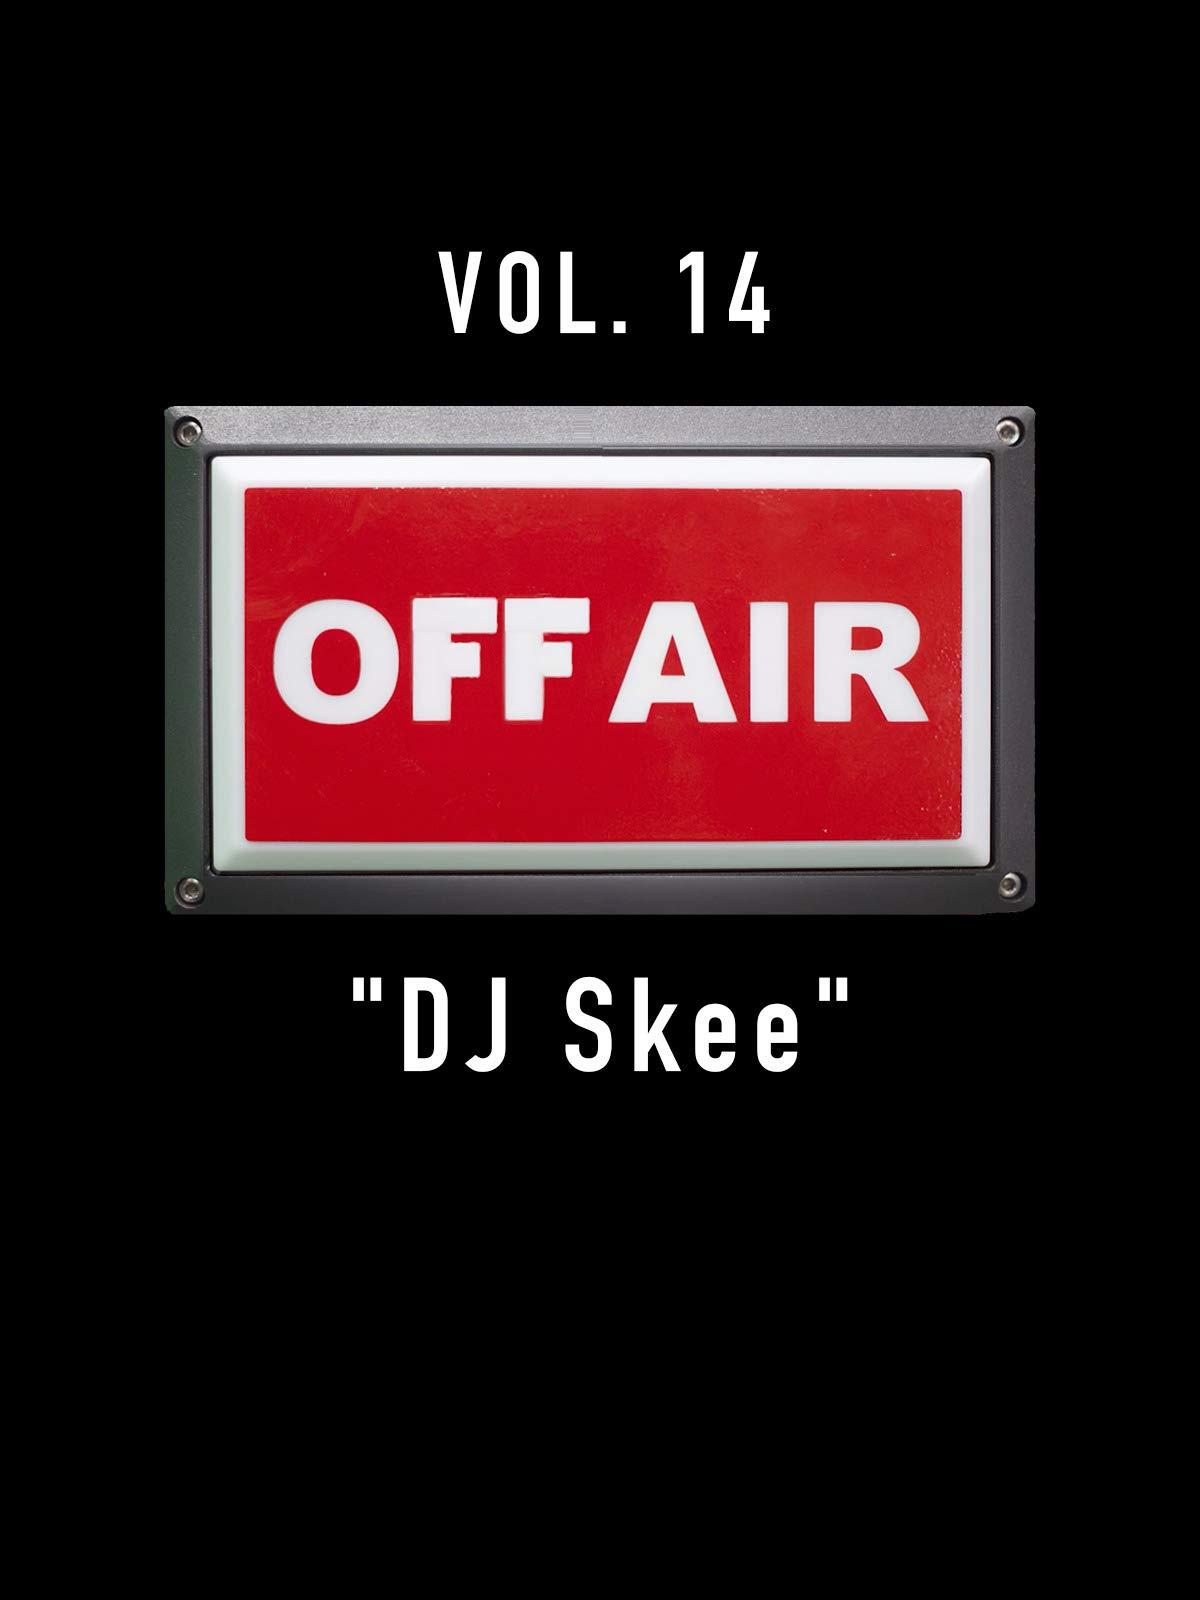 Off-Air Vol. 14